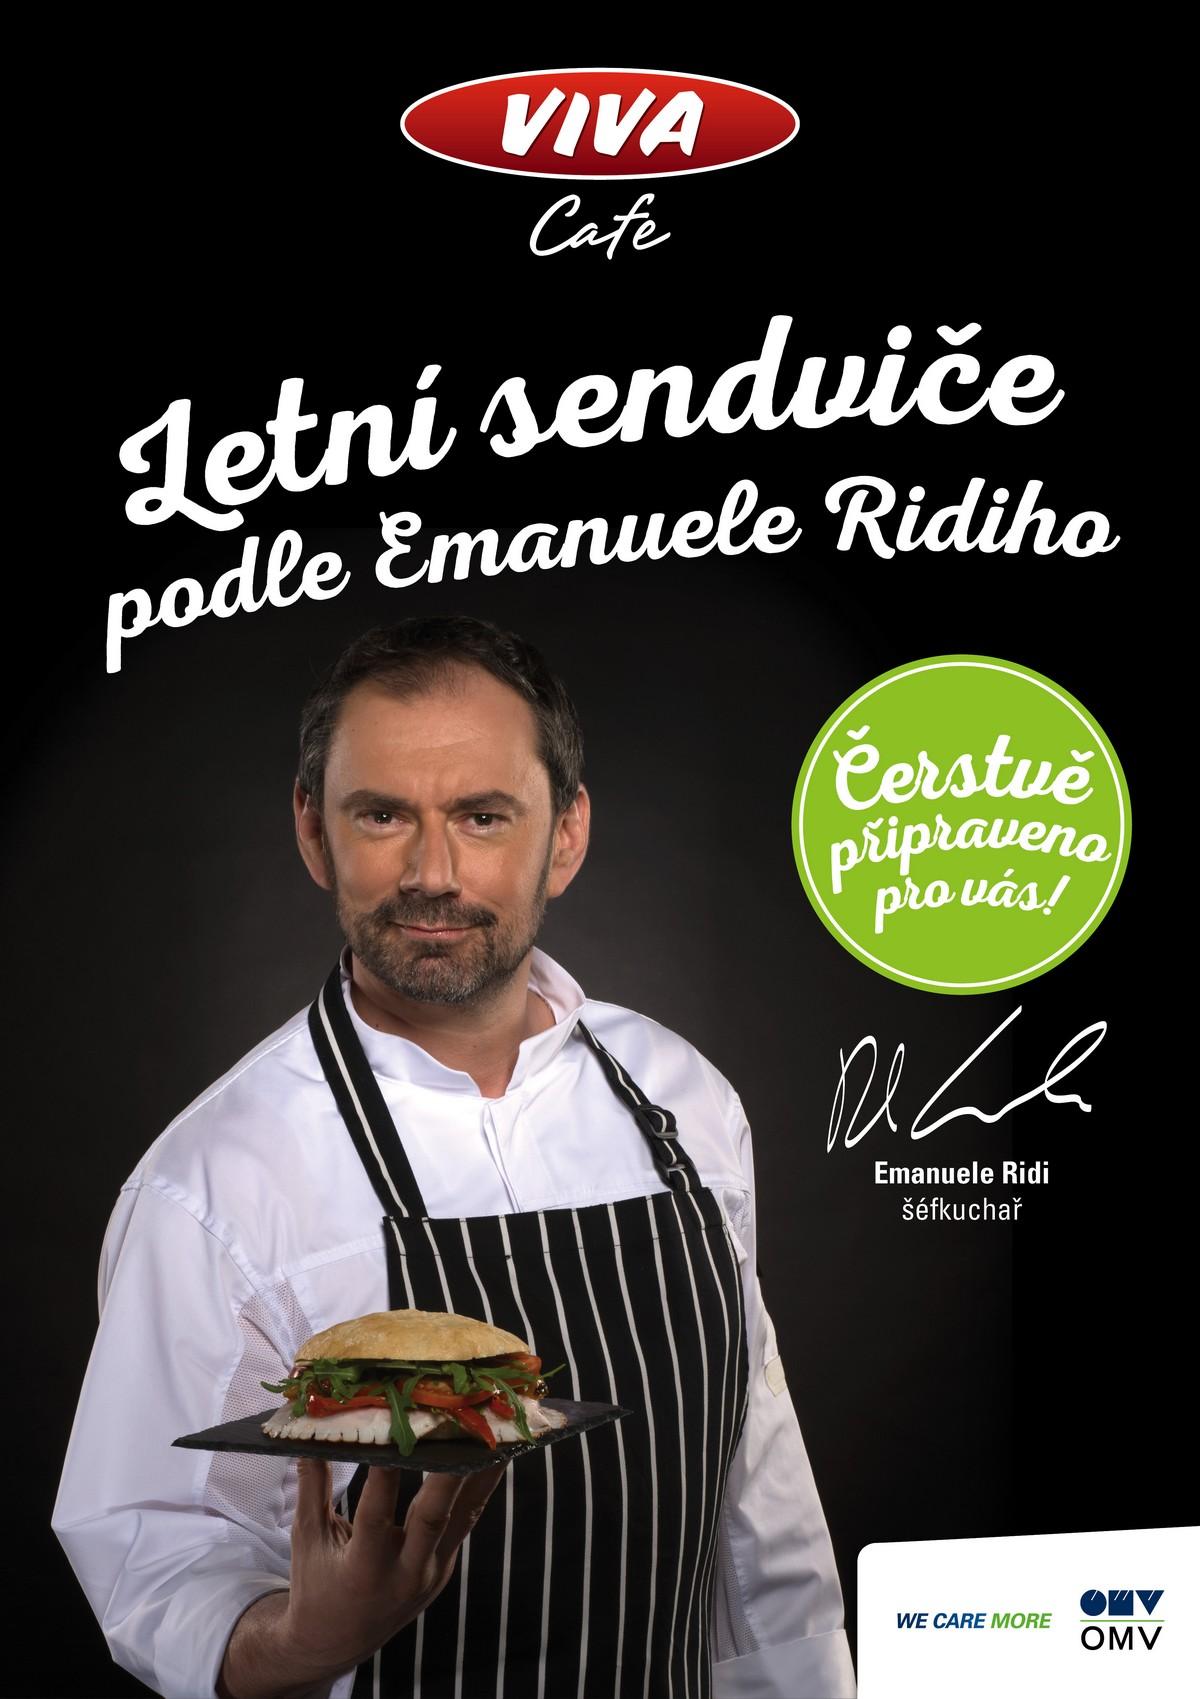 Hlavní tvář kampaně Emanuele Ridi